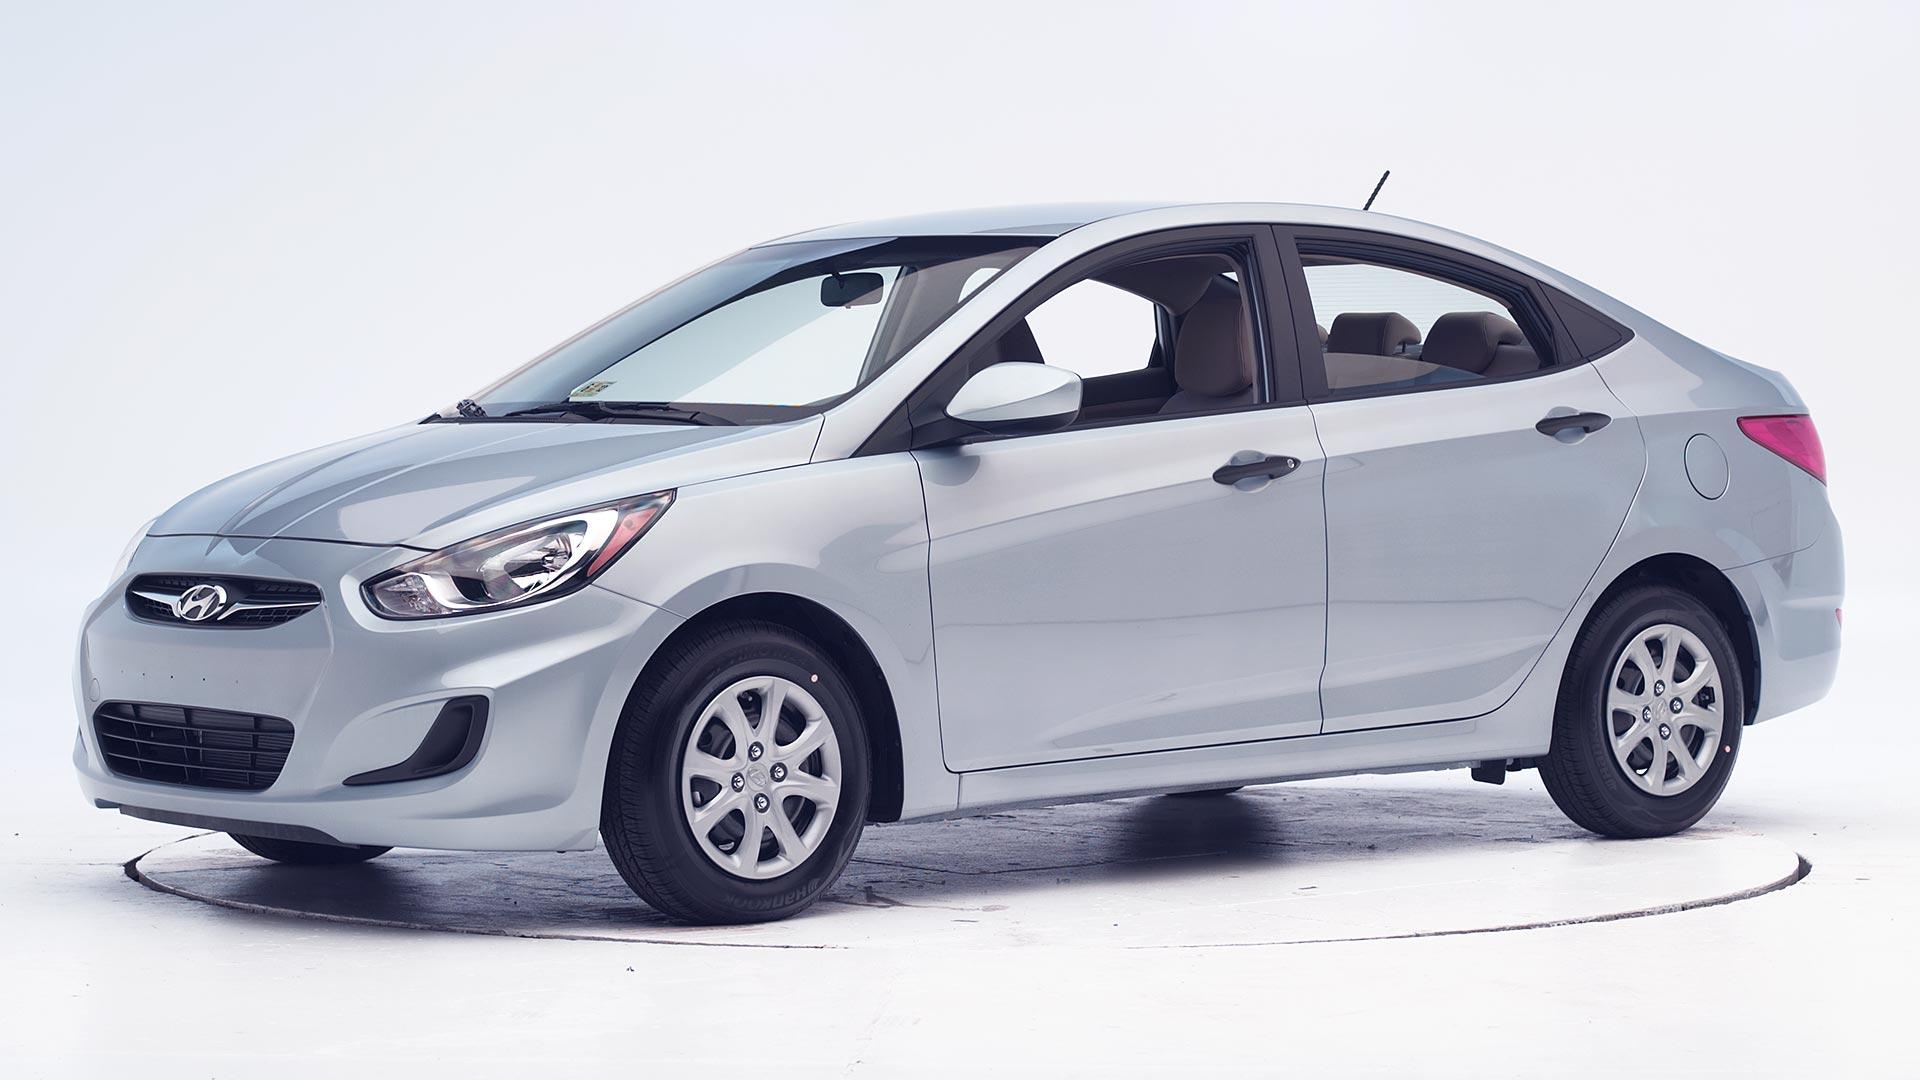 Năm 2010, Hyundai Accent lần đầu về Việt Nam dưới model 2012 (thế hệ thứ 4)